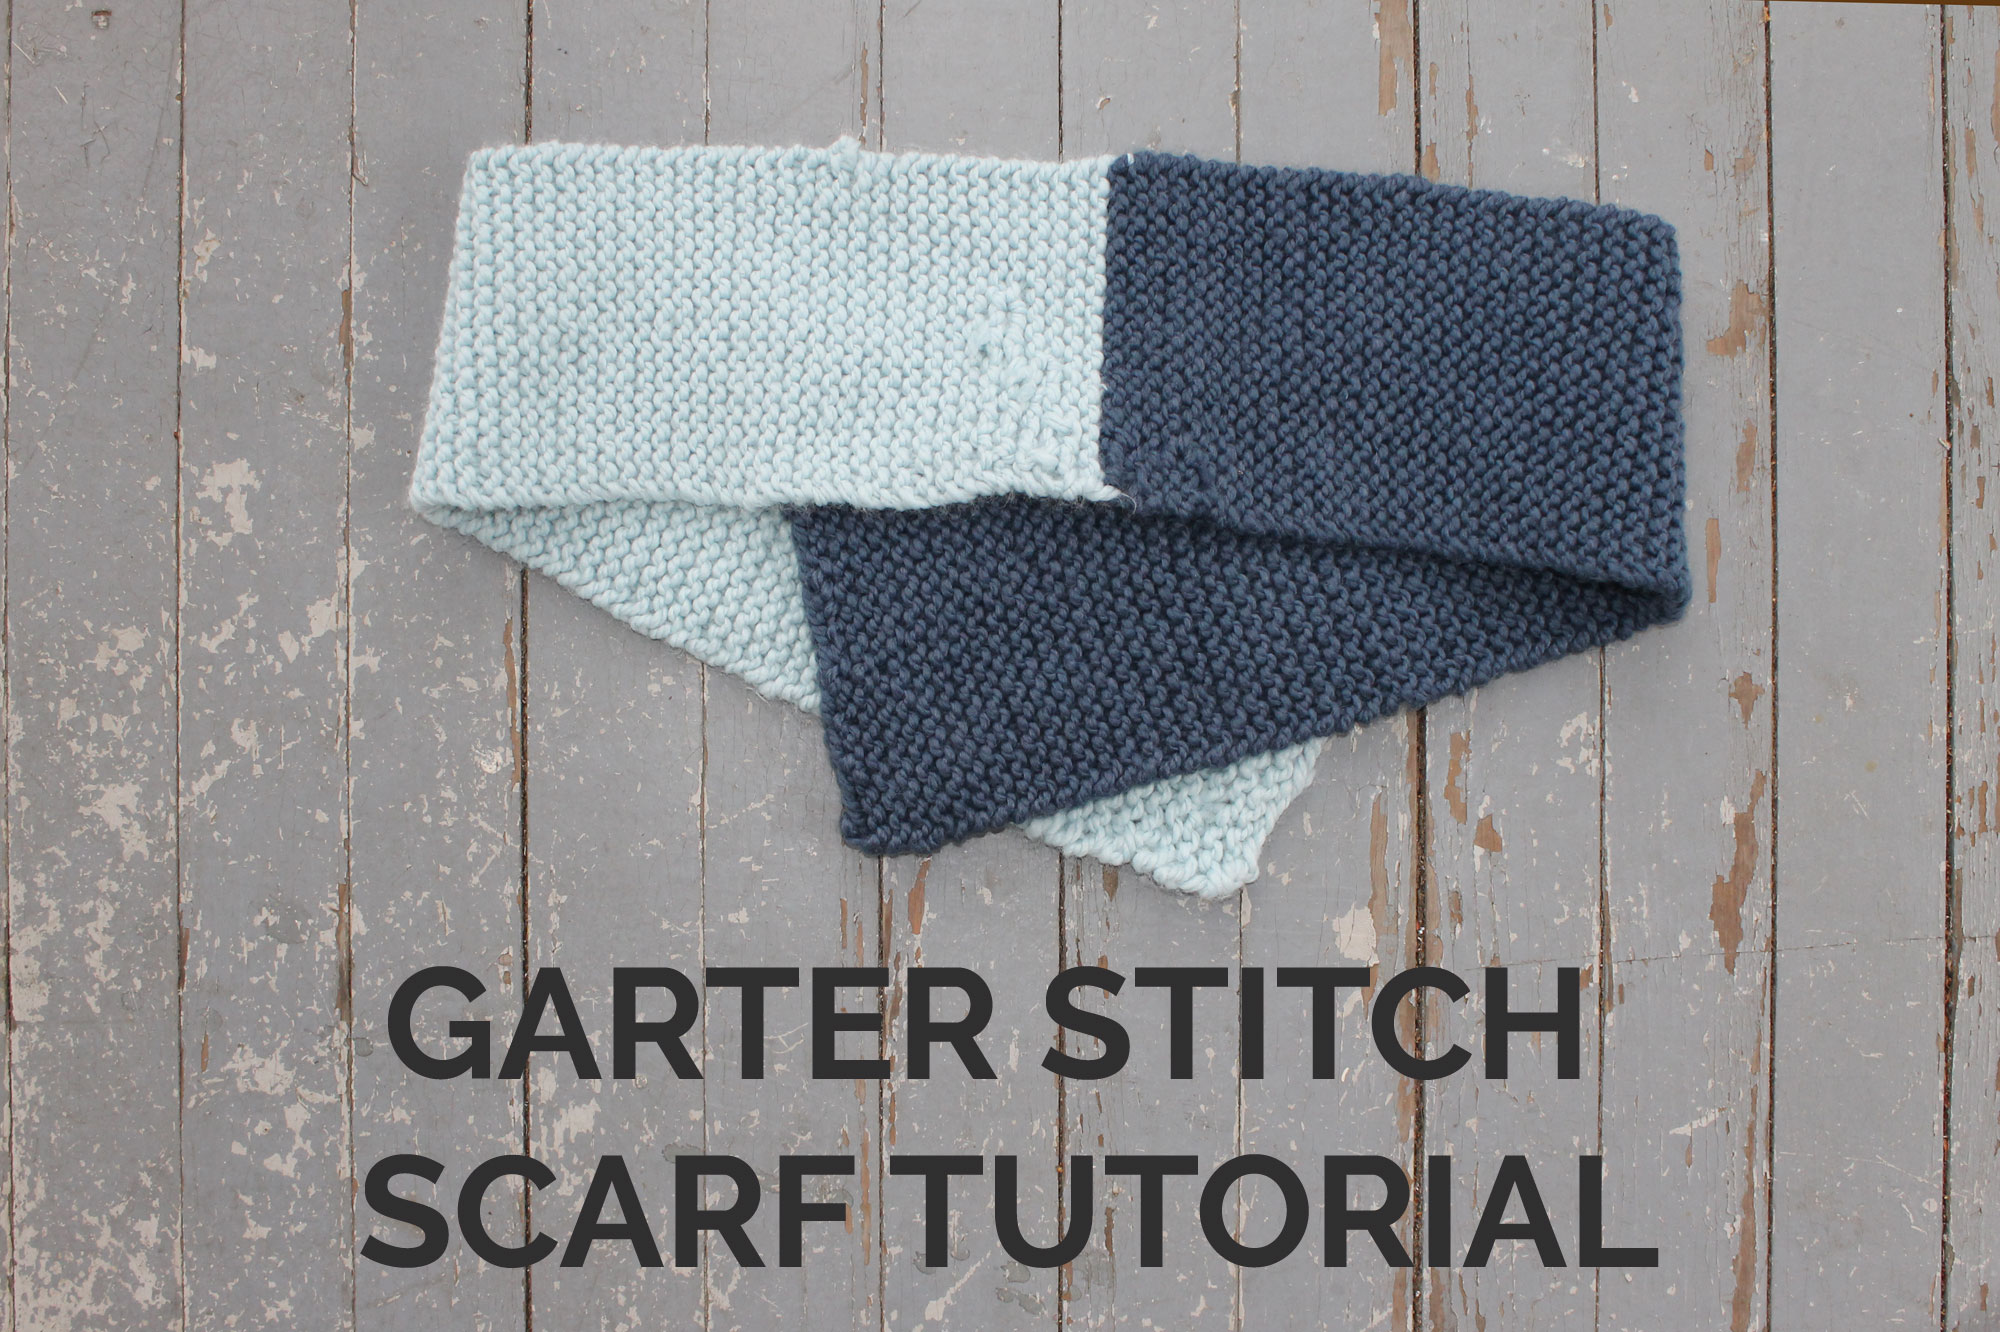 Garter Stitch Scarf Tutorial